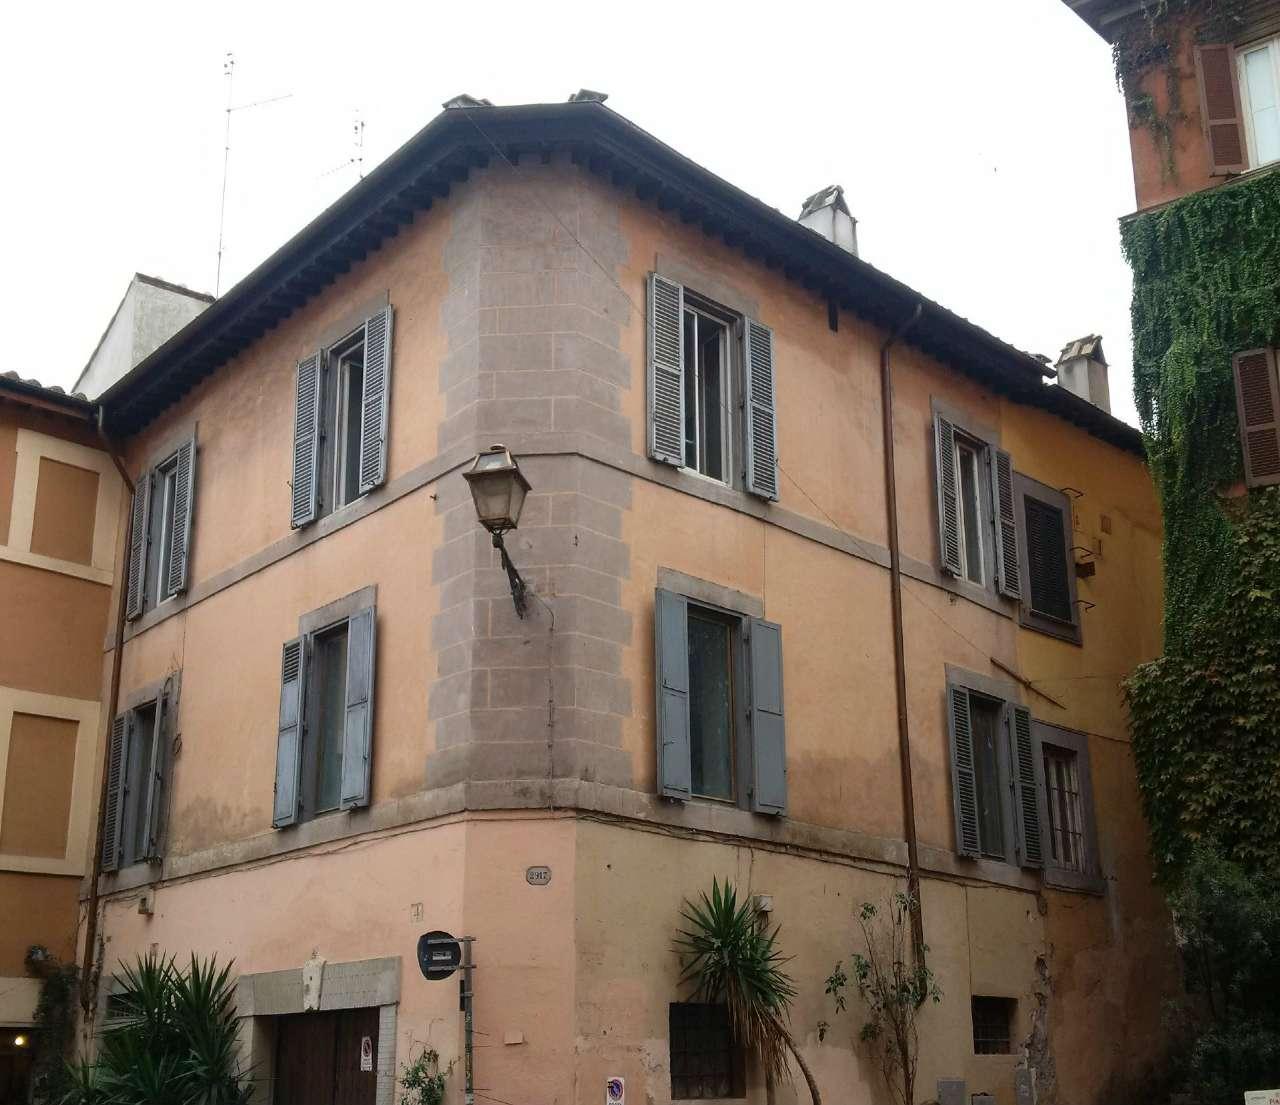 Palazzo / Stabile in vendita a Roma, 10 locali, zona Zona: 25 . Trastevere - Testaccio, prezzo € 4.300.000 | Cambio Casa.it